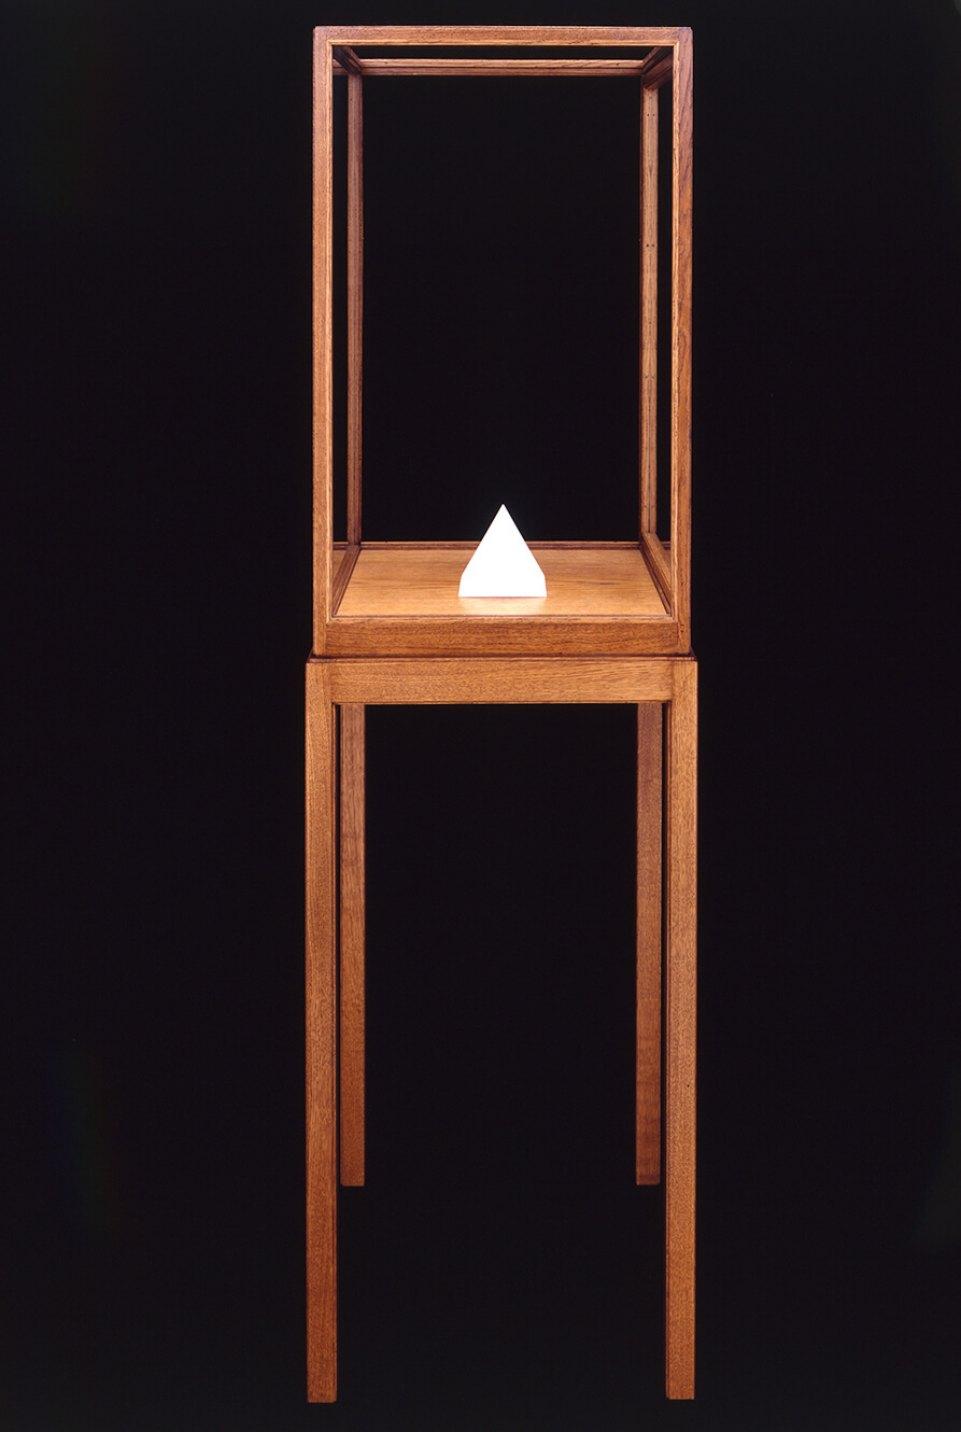 James Lee Byars,<em>The Triangle Book,</em>1988,marble,12 × 12 × 12 cm - Mendes Wood DM